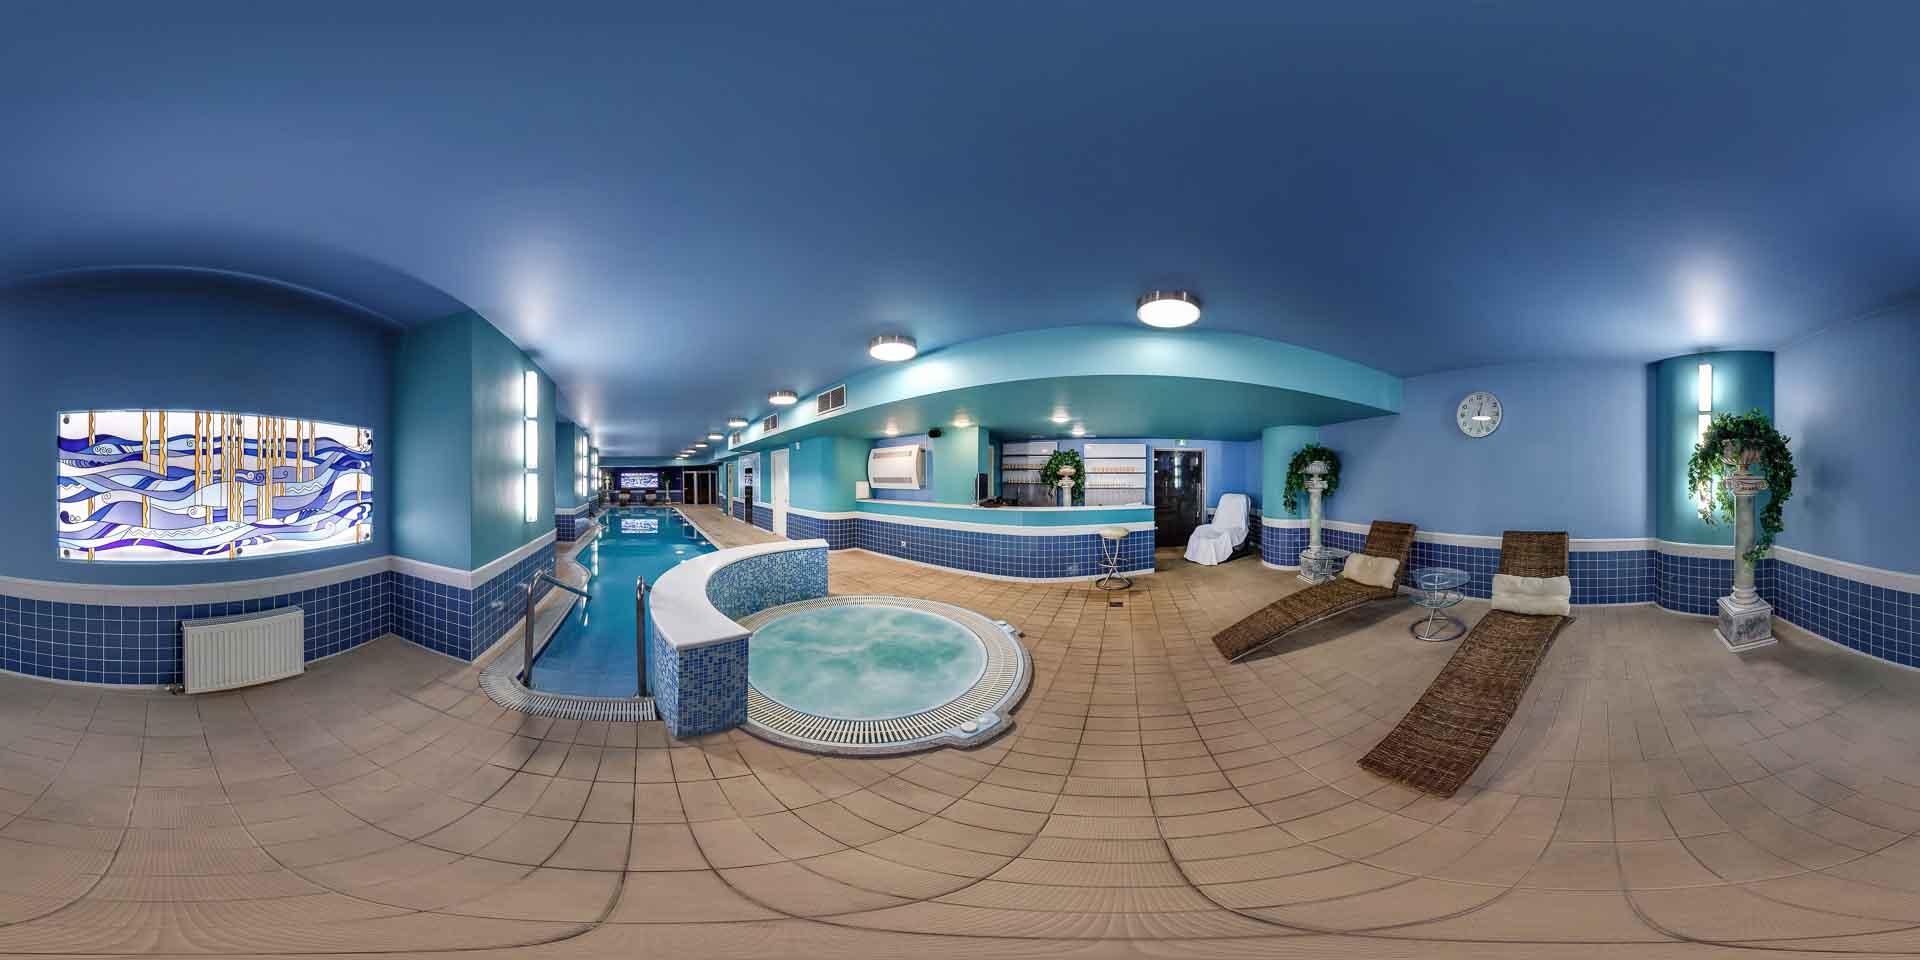 virtual tour 360 foto panoramiche centro benessere e spa